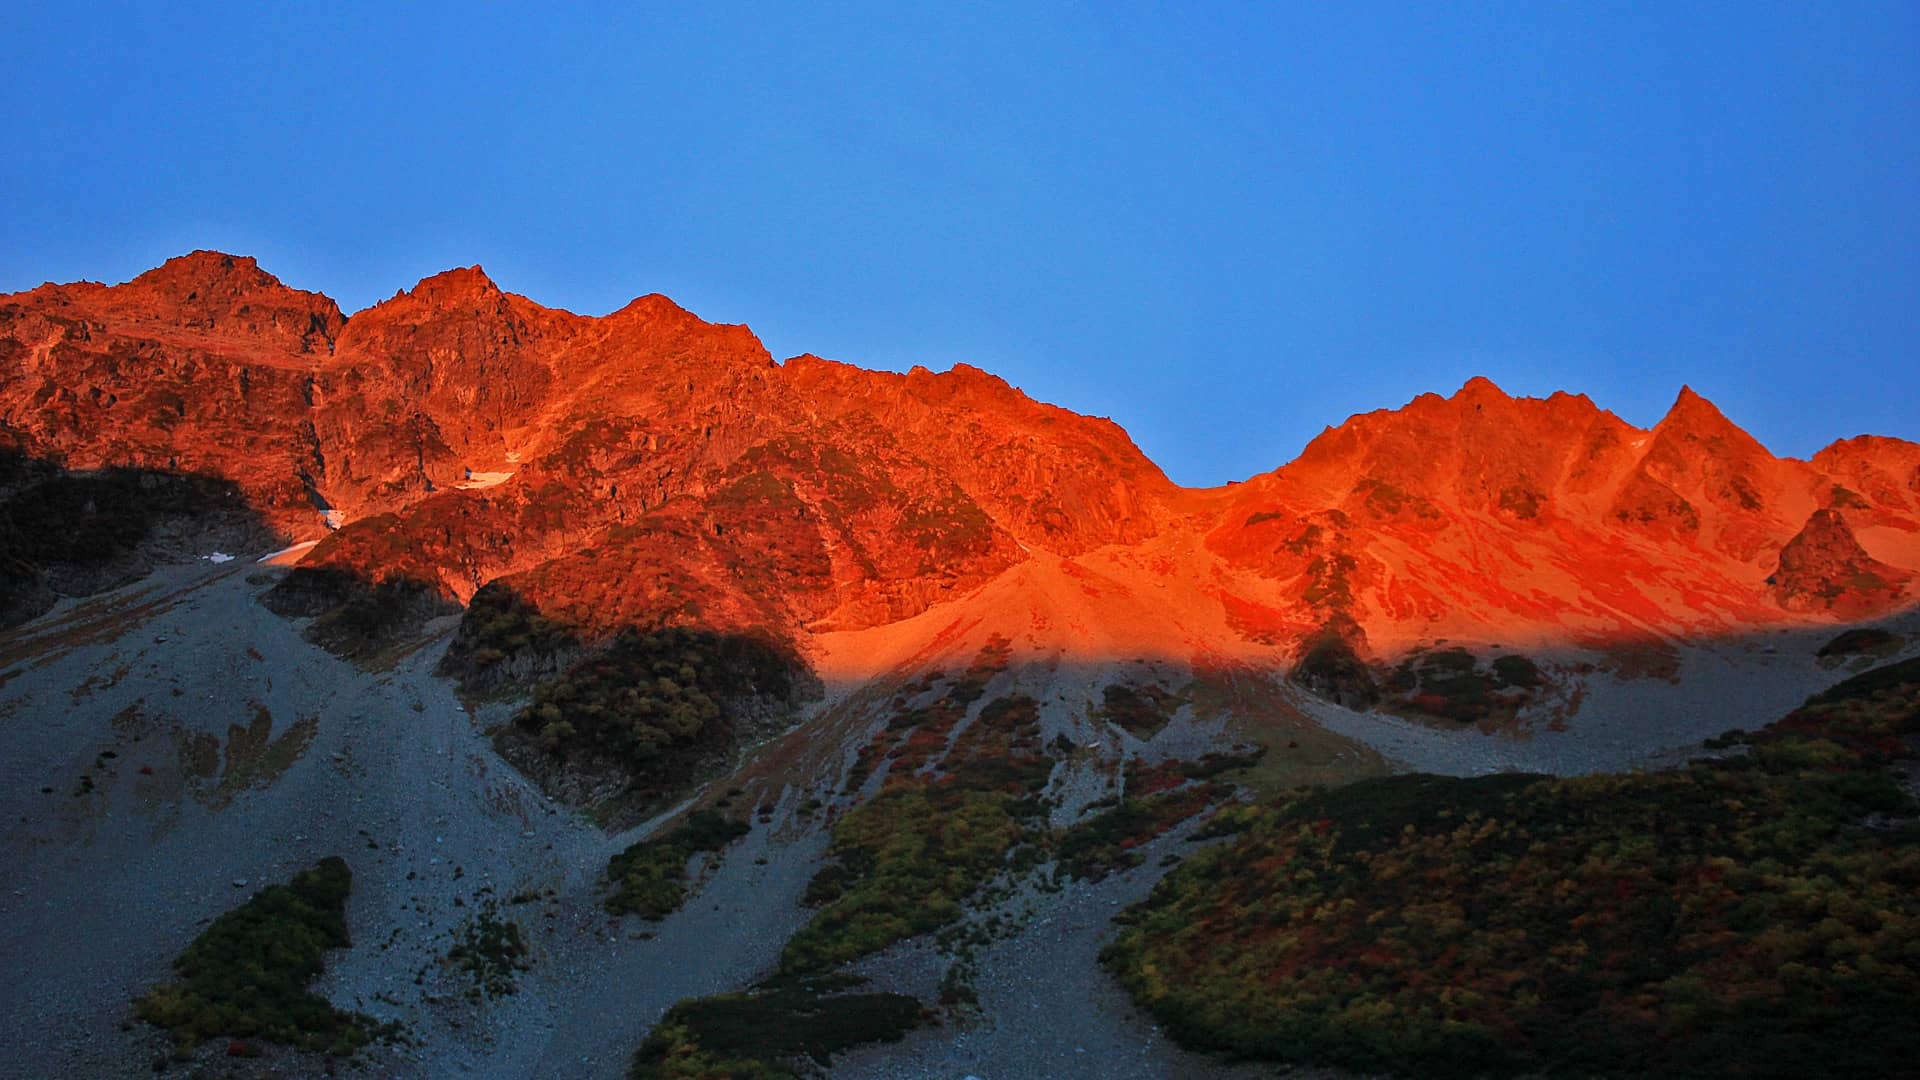 ภูเขาชิโรอุมะทั้งสาม (Shirouma-san-zan) อยู่ในเขตจังหวัดนากาโน่และโทยามะ